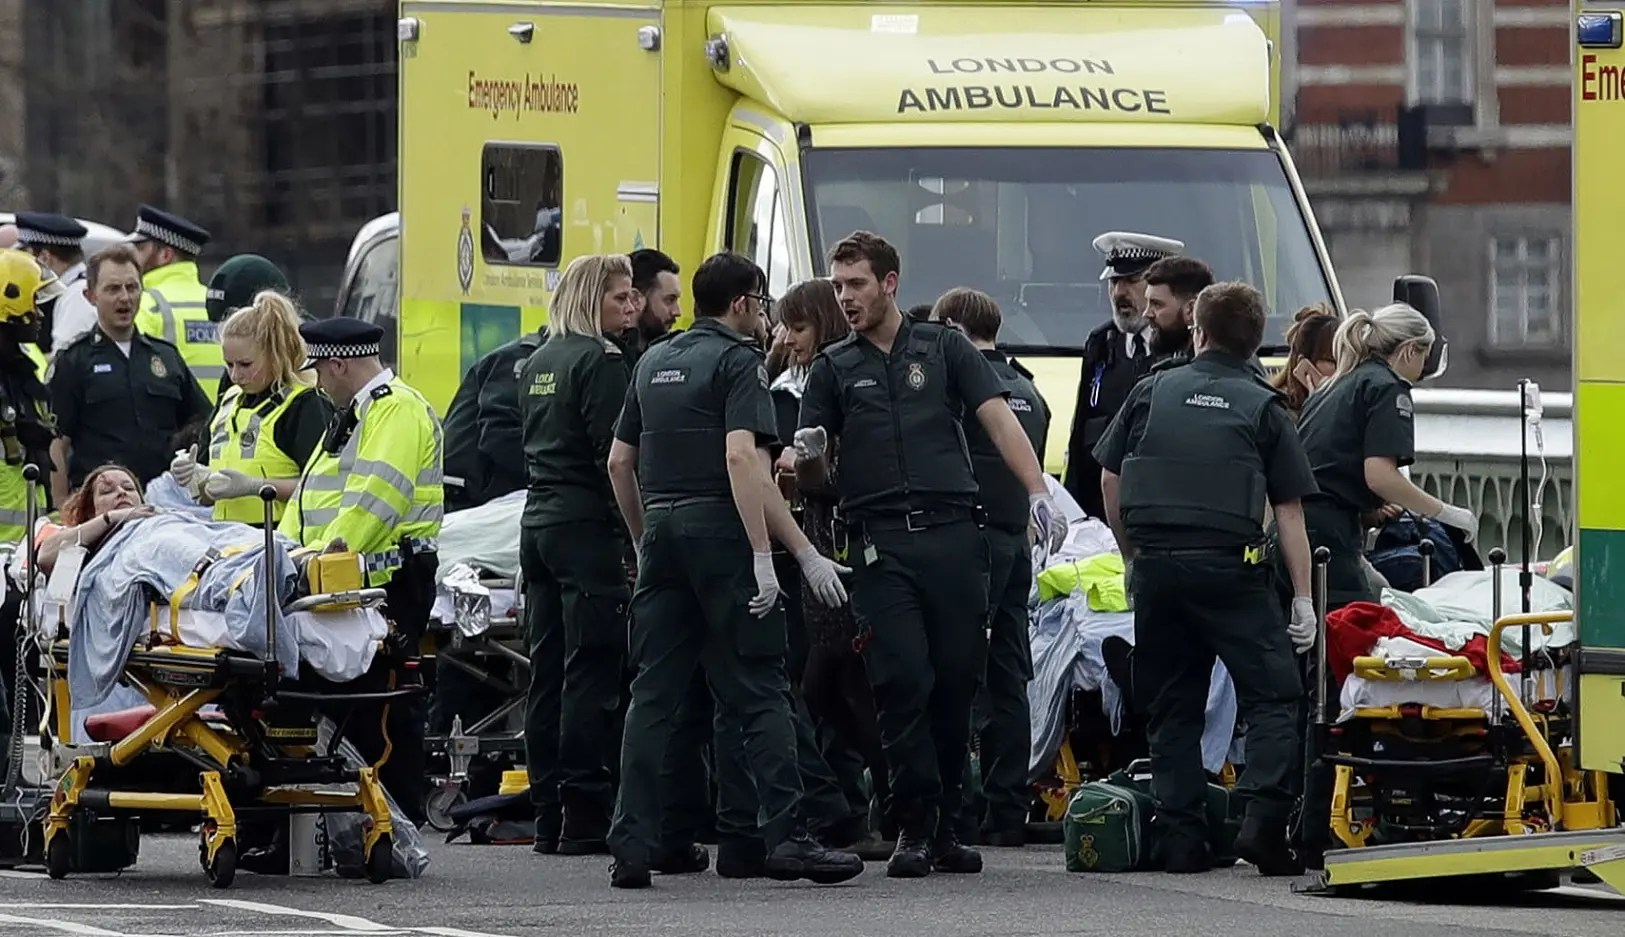 Alarma por tiroteo en Parlamento británico